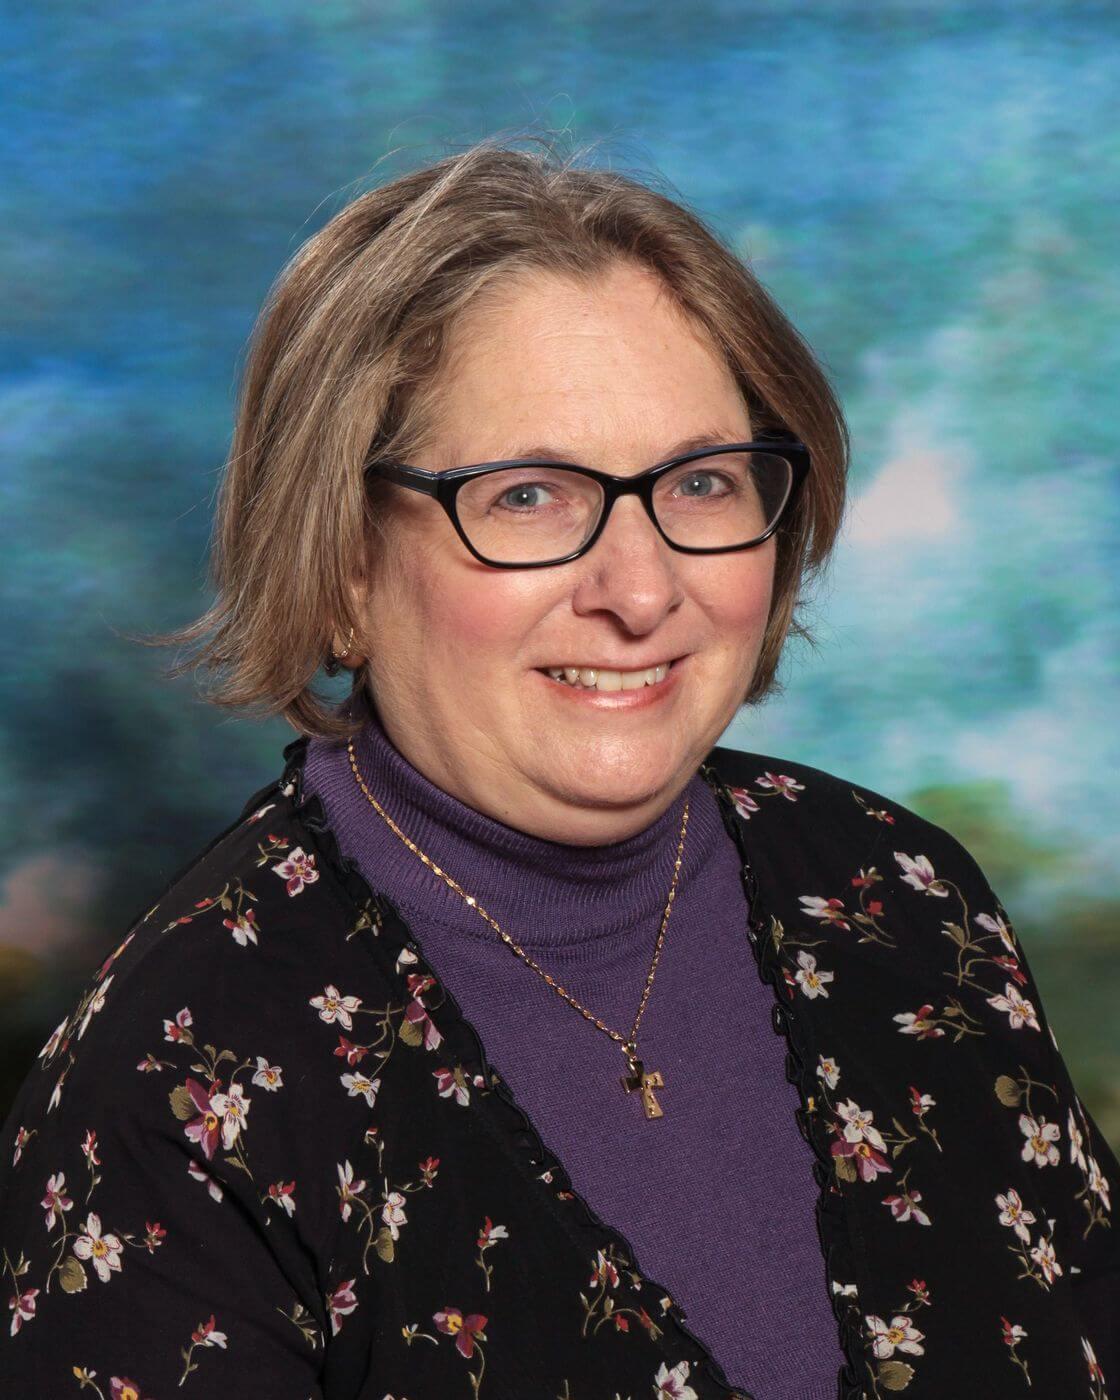 Amy Fleischer